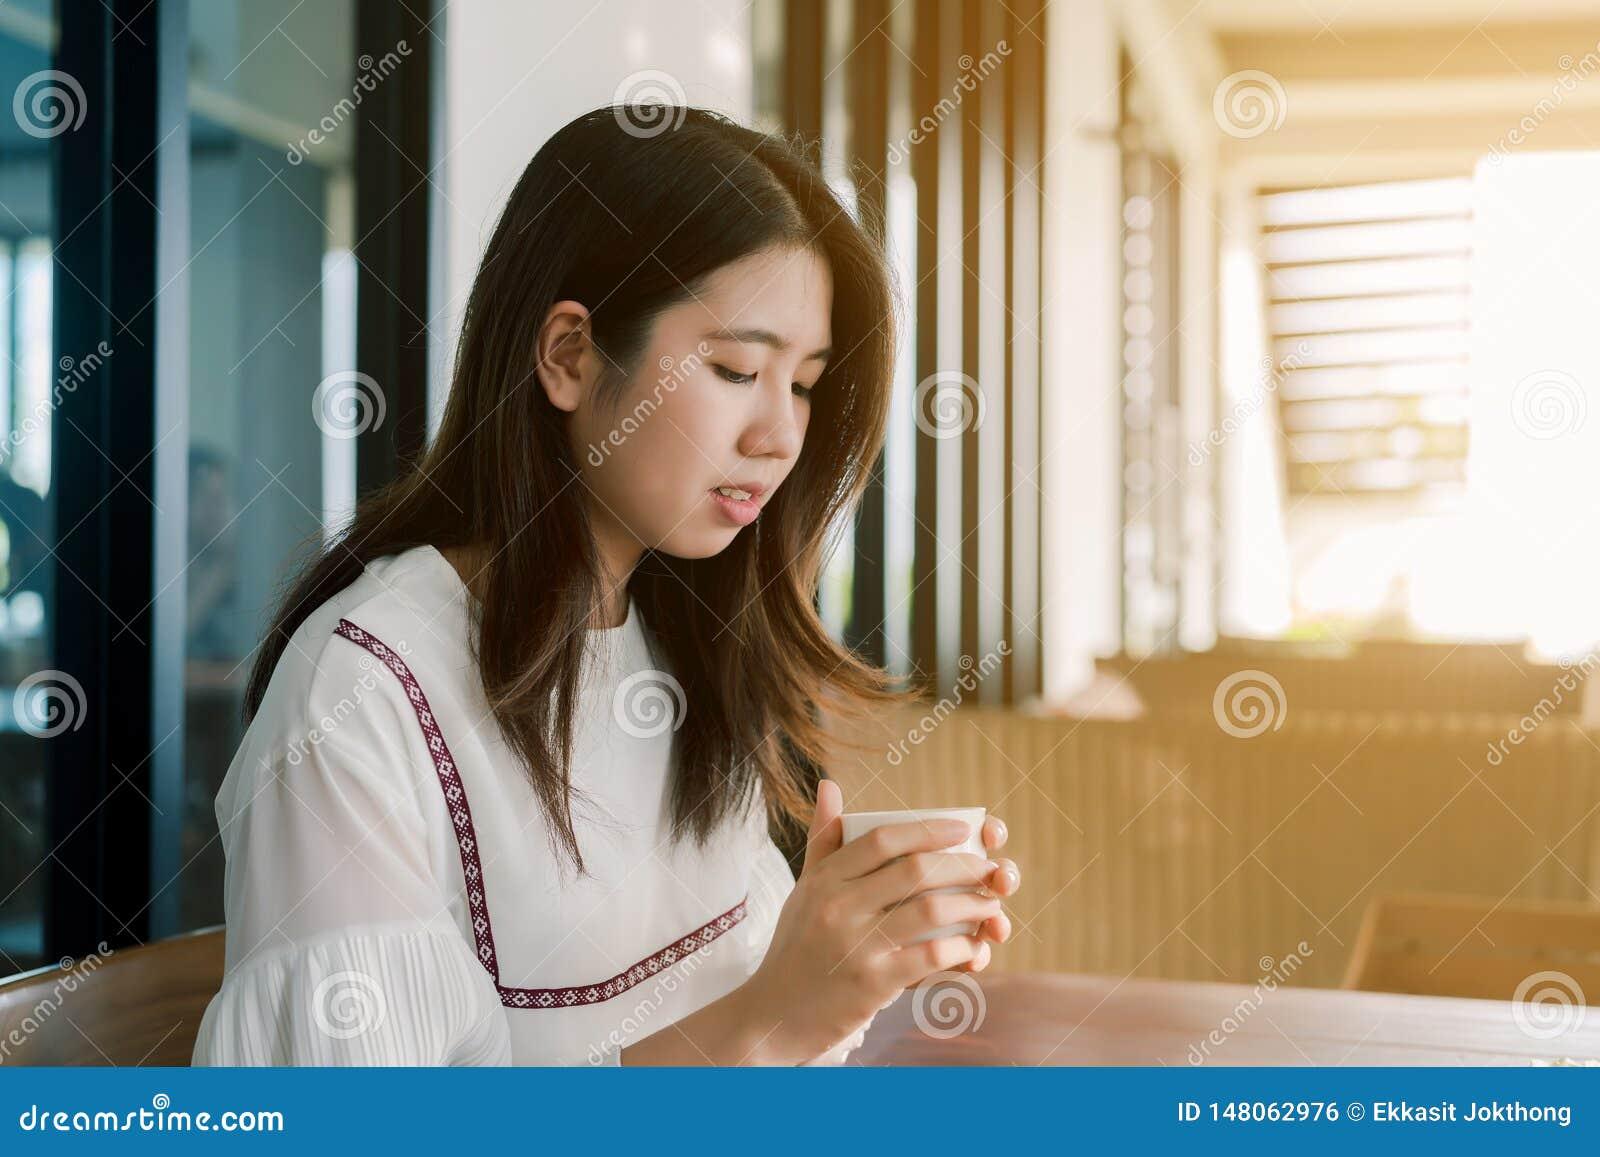 Asiatische Sch?nheit, die gl?cklich ein wei?es Hemd, Sitzen, trinkender hei?er Kaffee in der B?ckerei hell morgens tr?gt